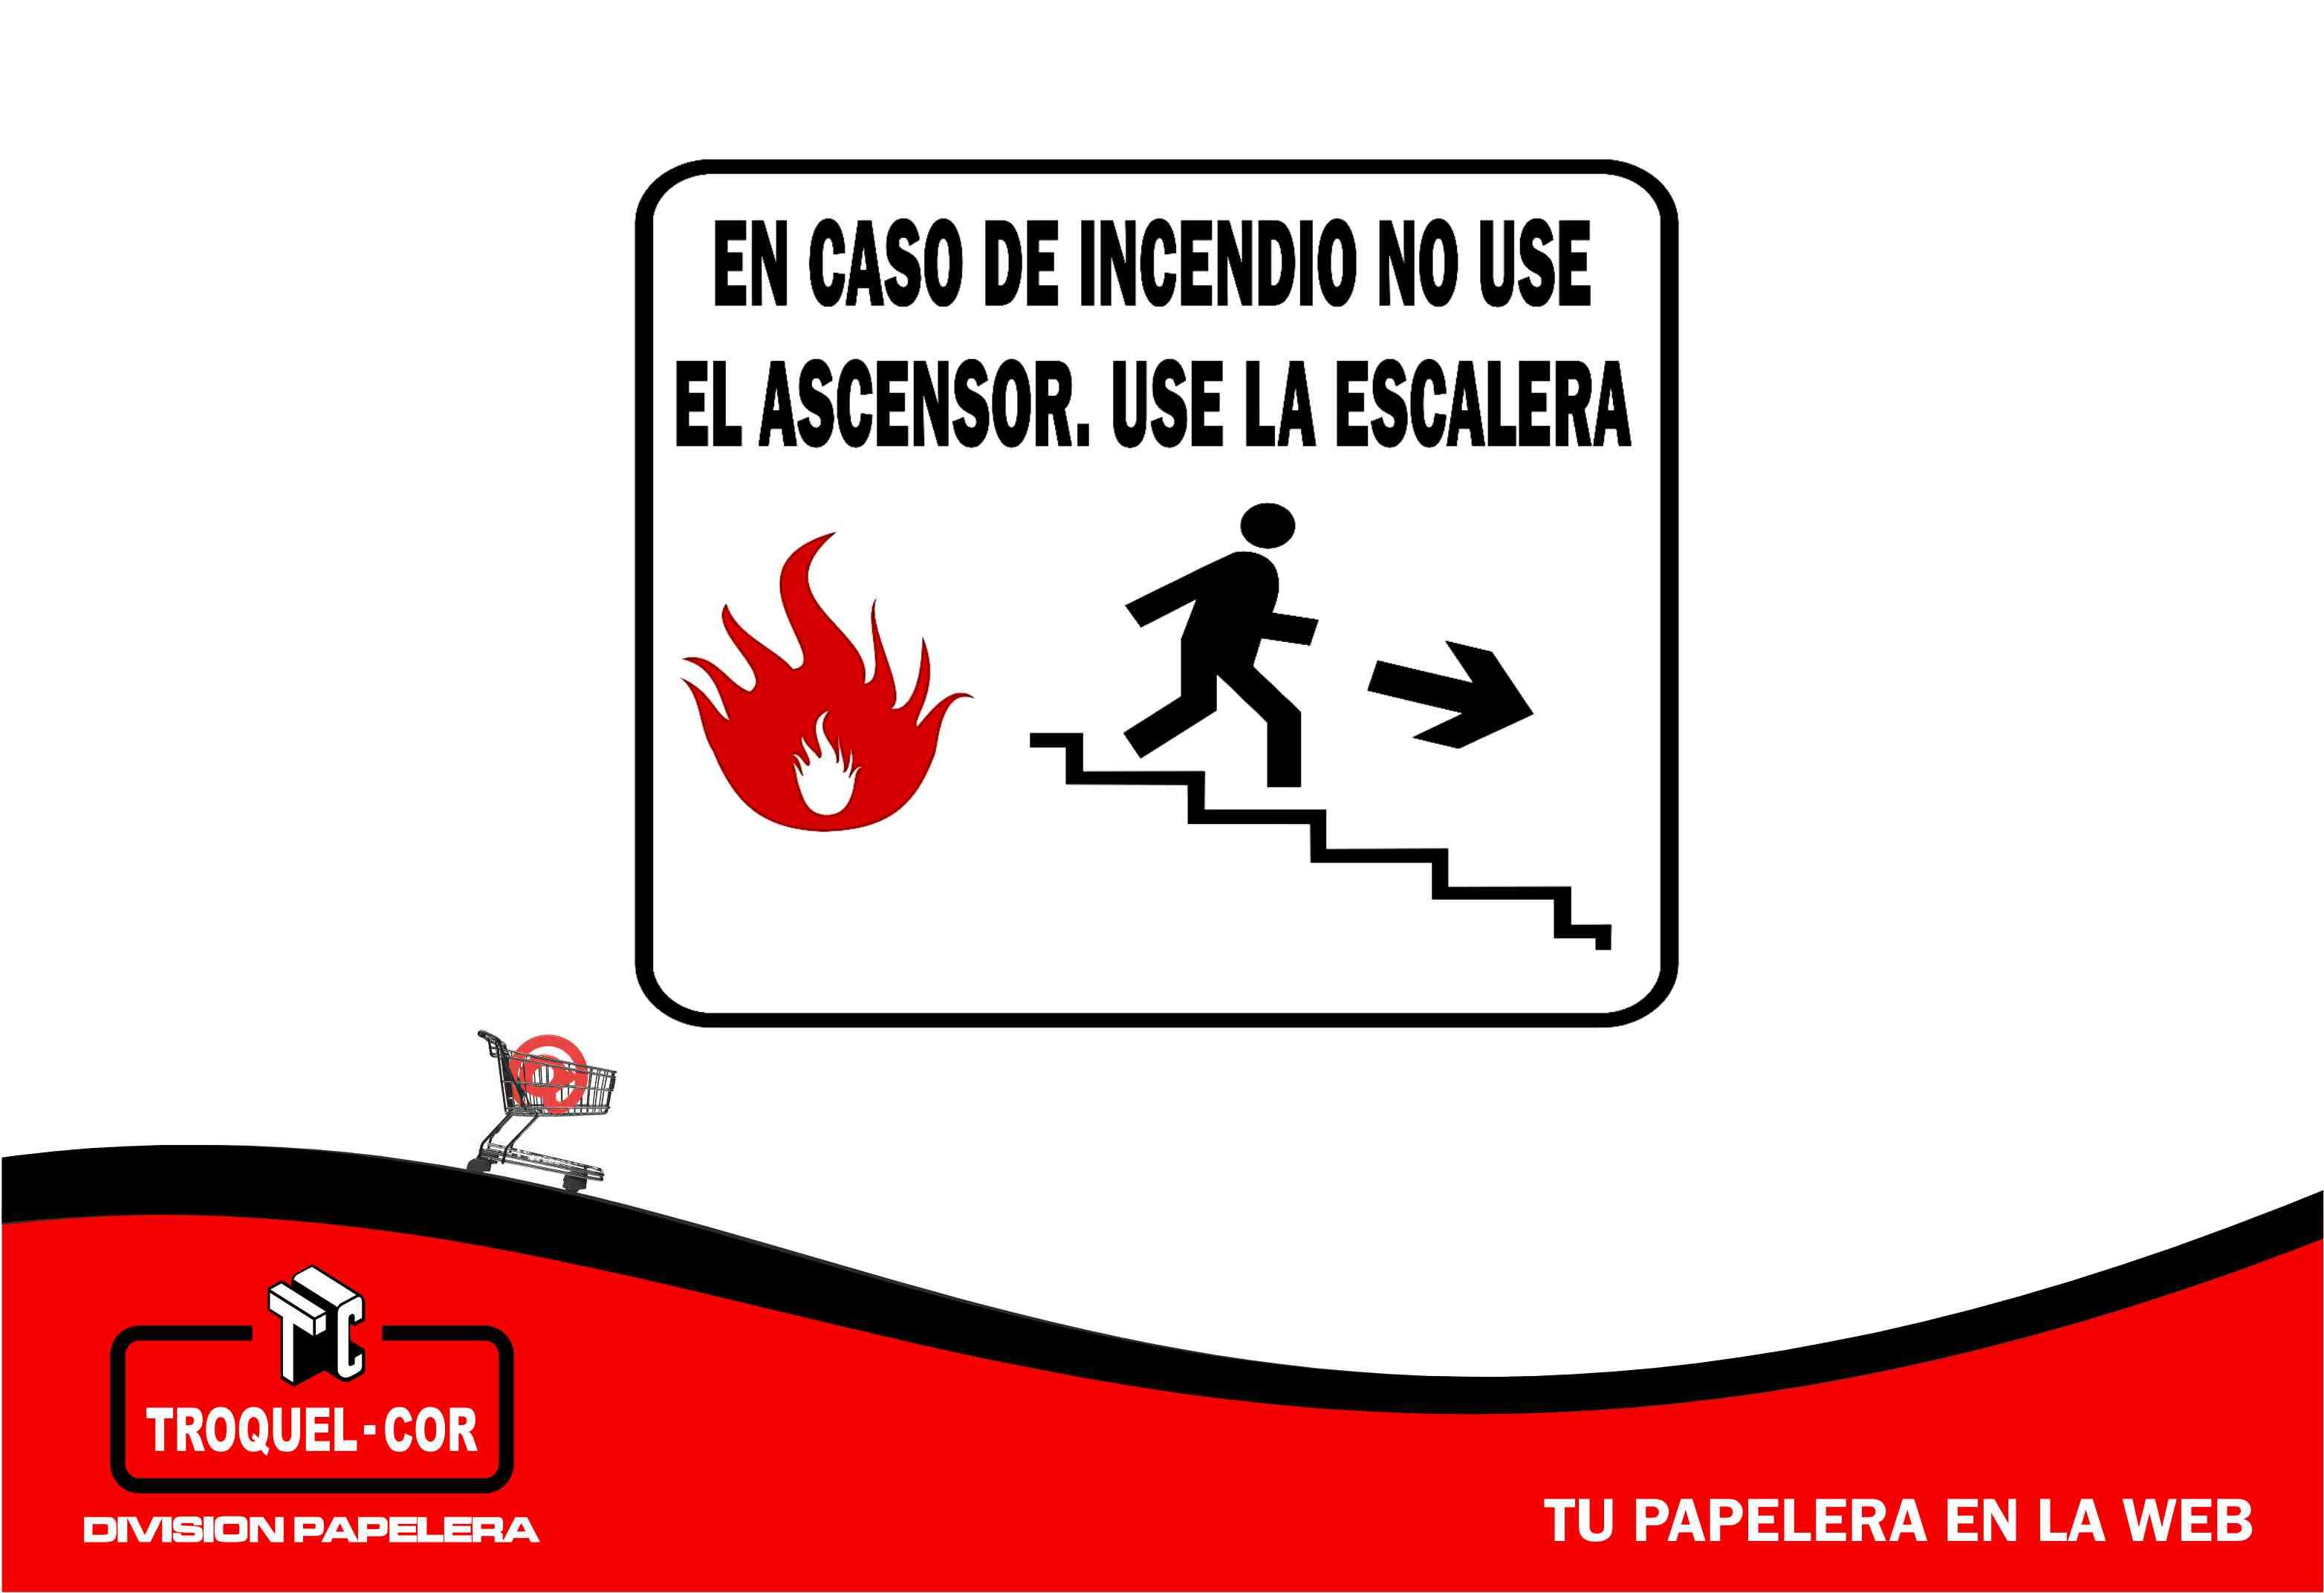 ccad5c7aa Cartel Adhesivo En Caso De Incendio No Use 12 X 17 Cm